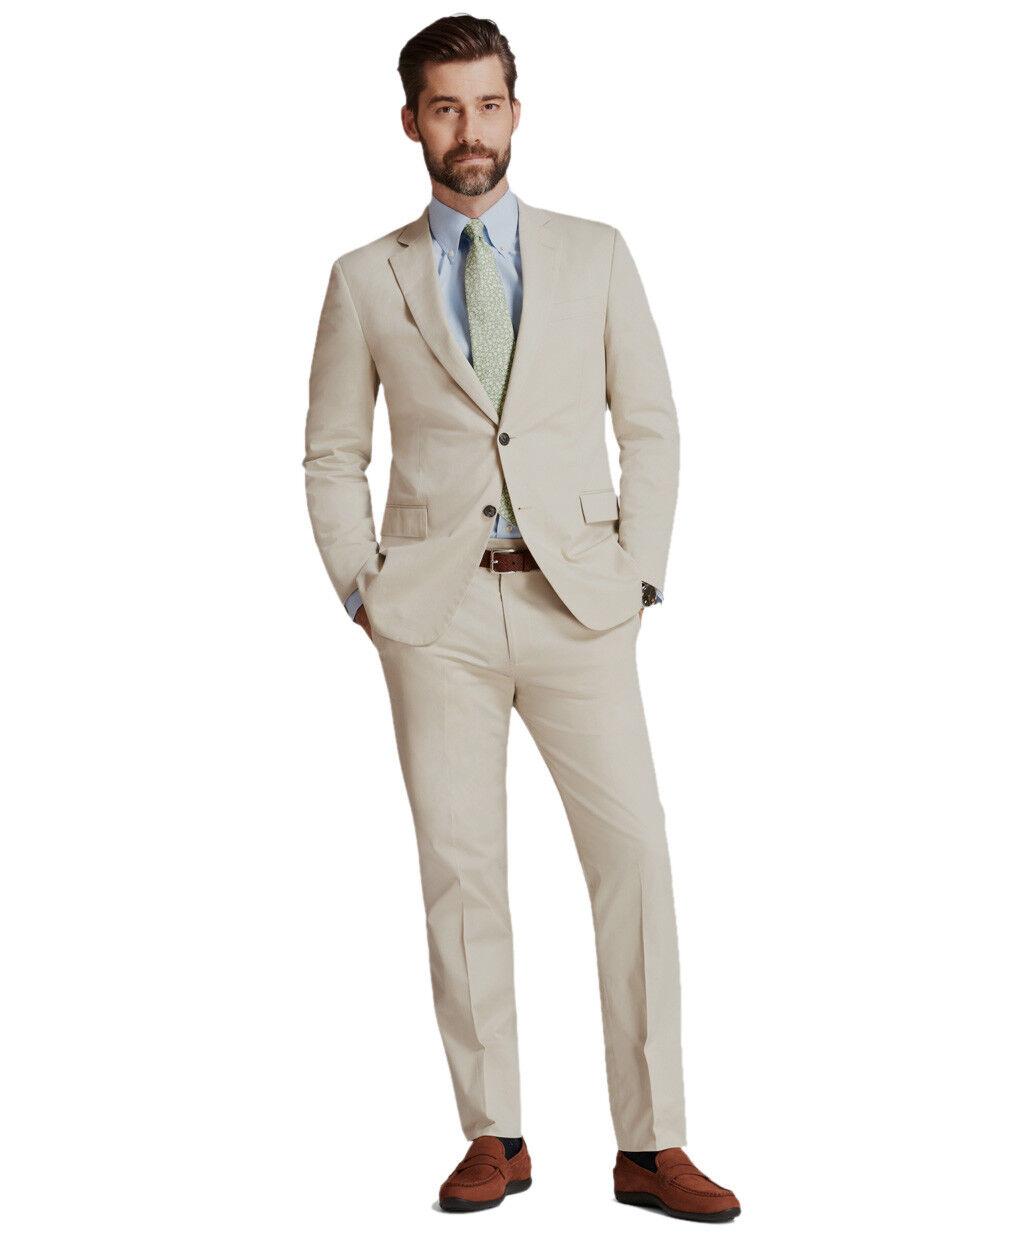 Brooks Bredhers Mens Khaki Beige 346 Cotton Blend Two Button Suit 37S 31W 0775-1